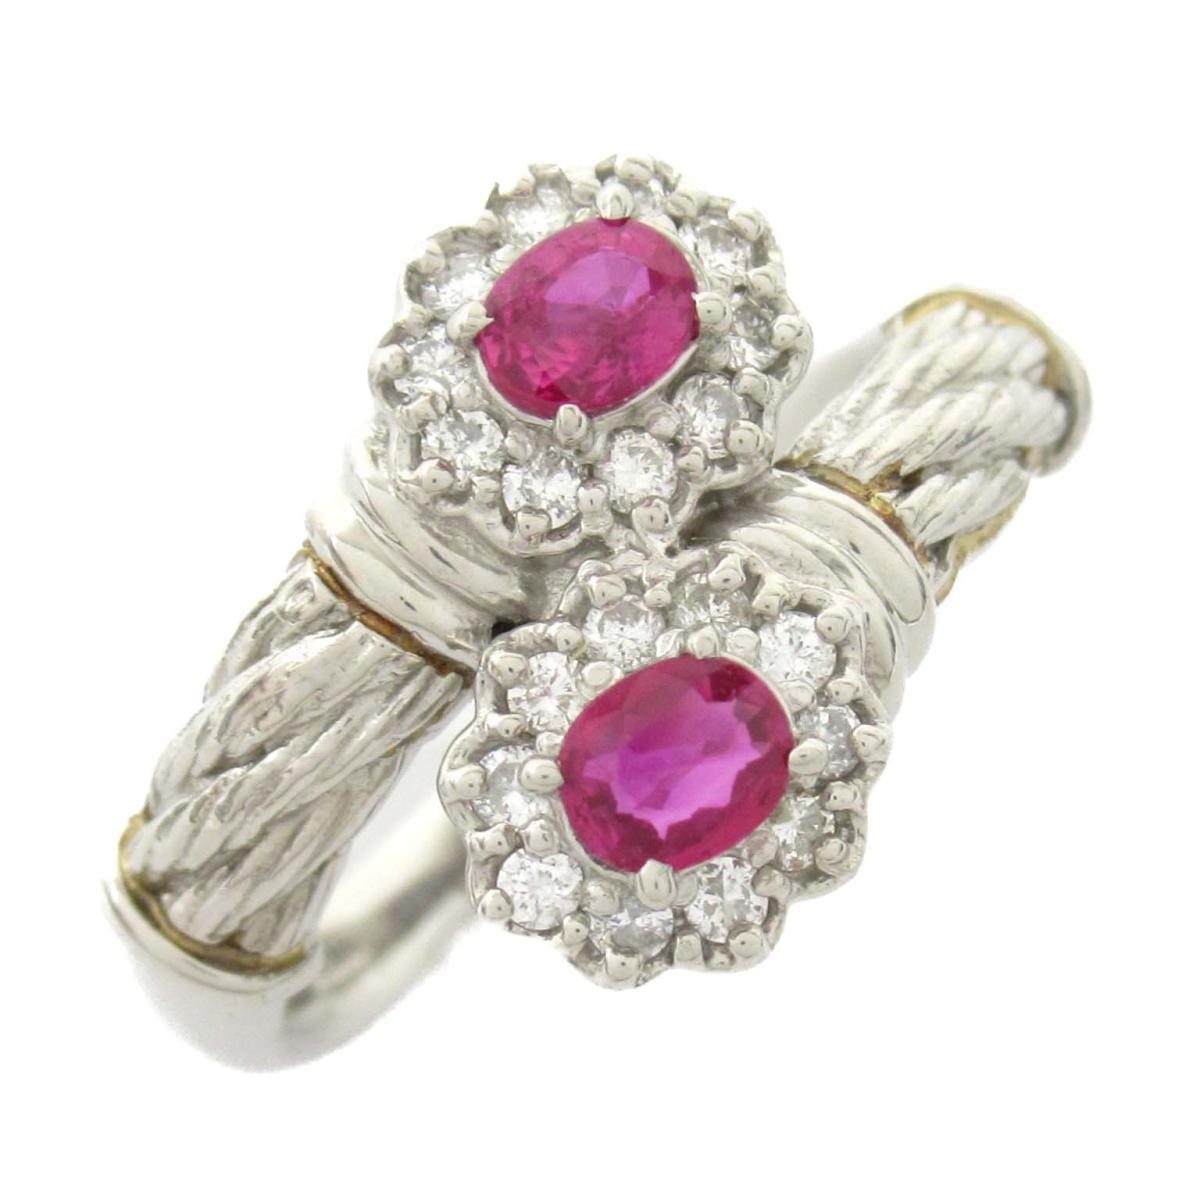 【中古】ジュエリー ルビー ダイヤモンド リング 指輪 レディース PT900 プラチナ x ルビー0.37CT x ダイヤモンド0.22CT